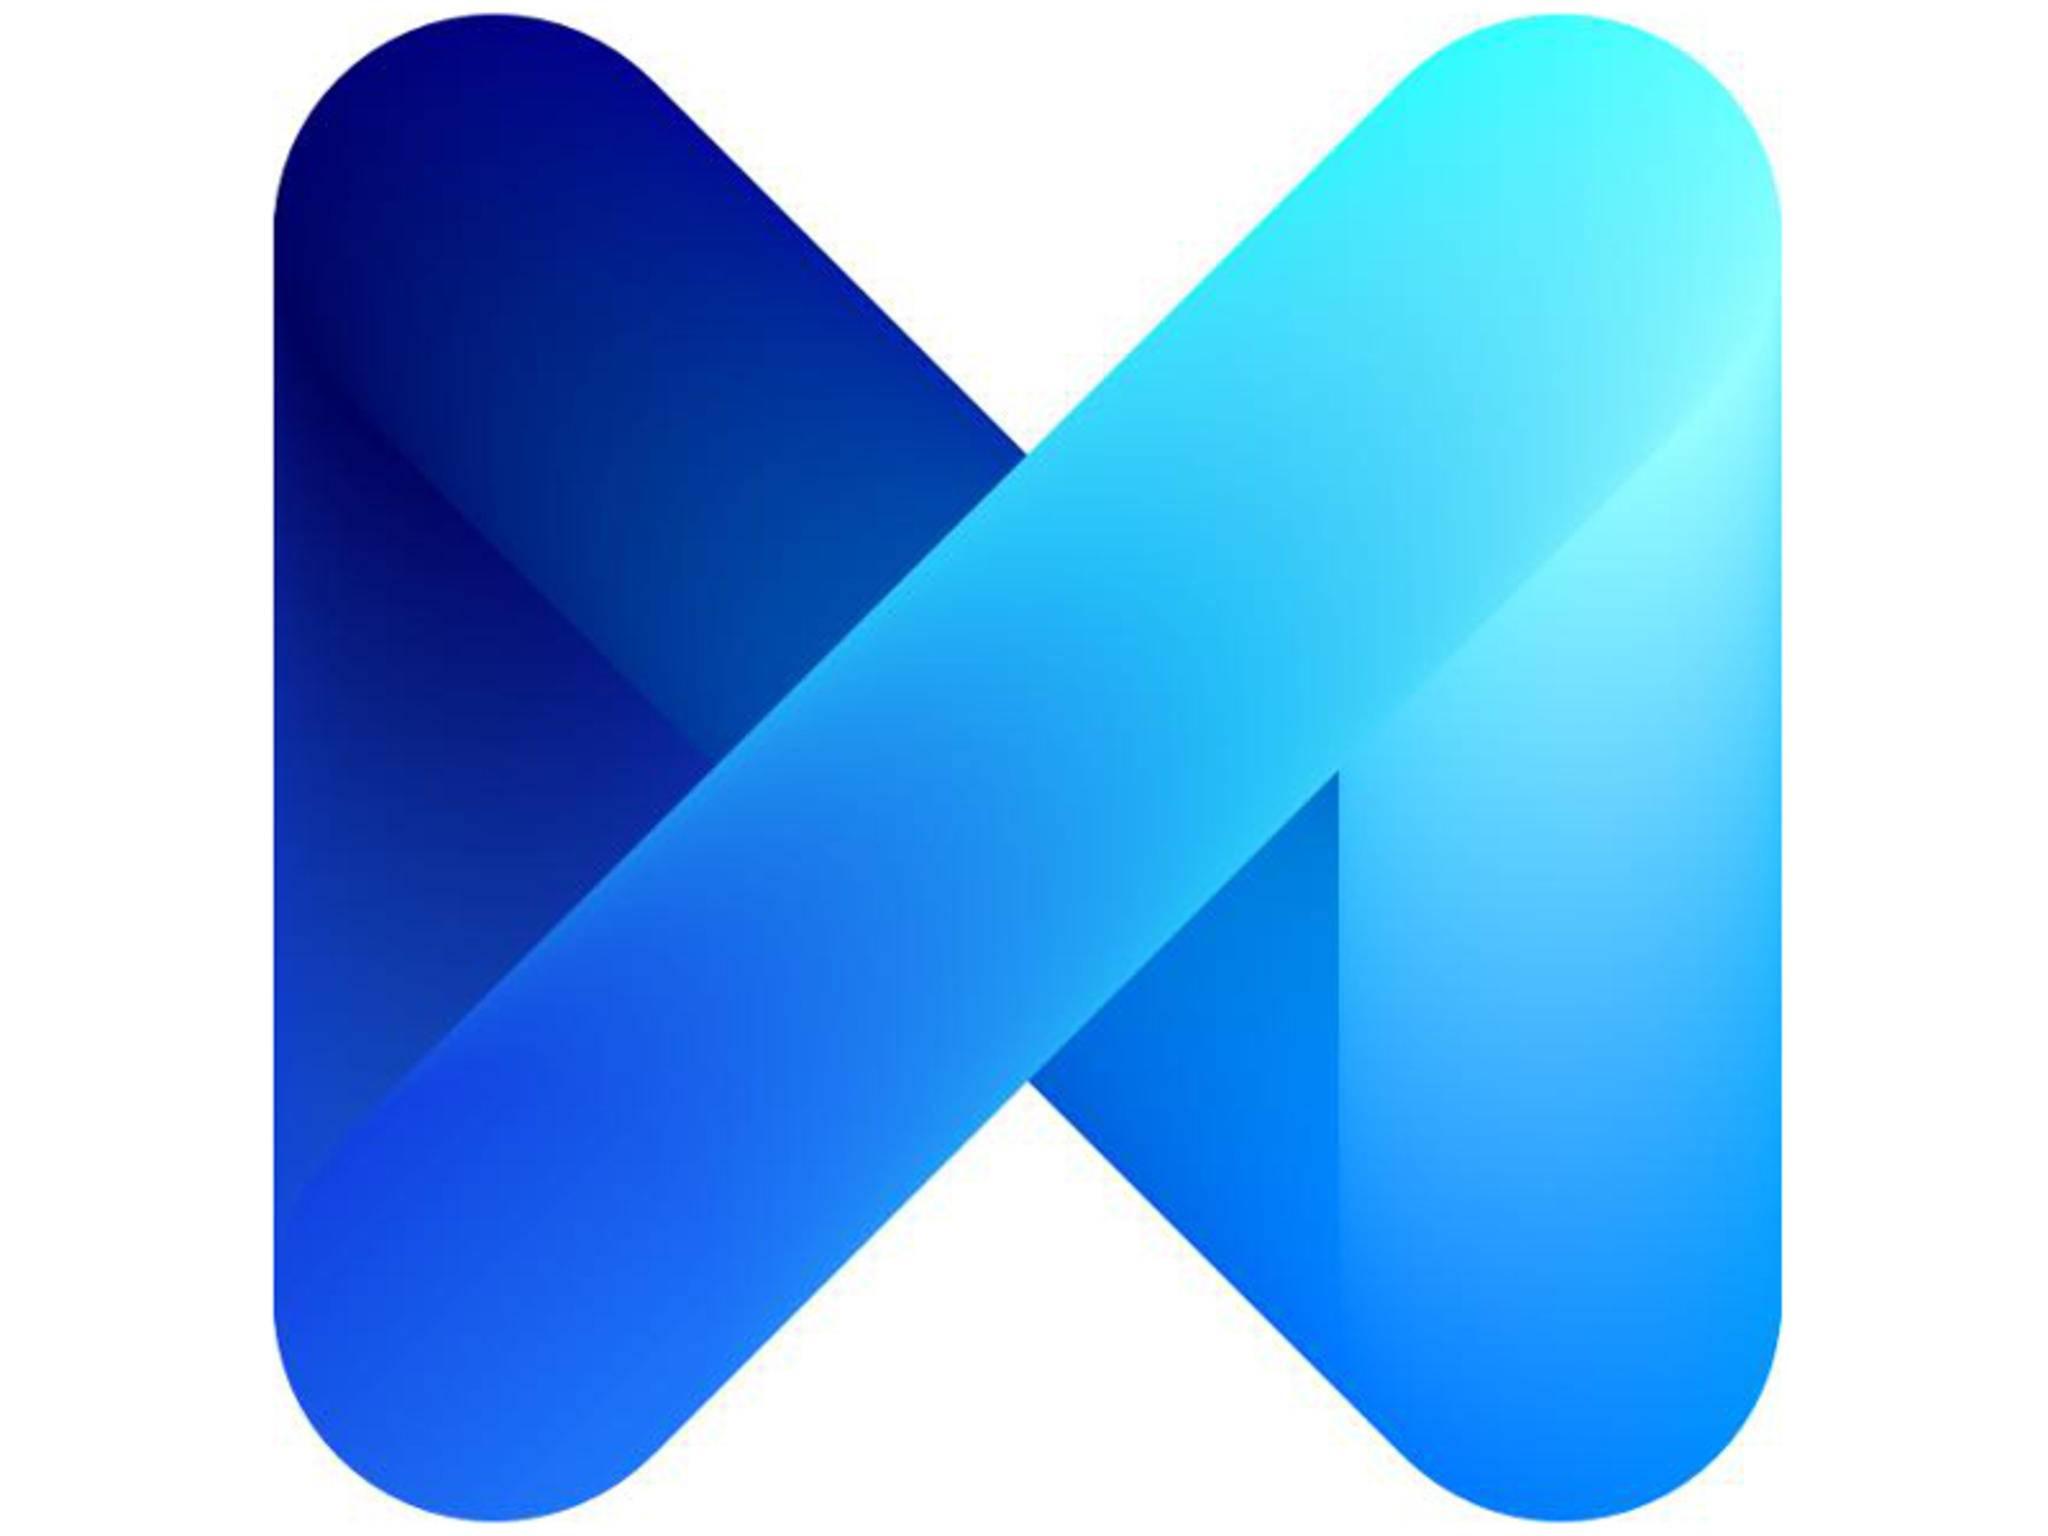 Der neue Sprachassistent M bewohnt den Facebook Messenger.